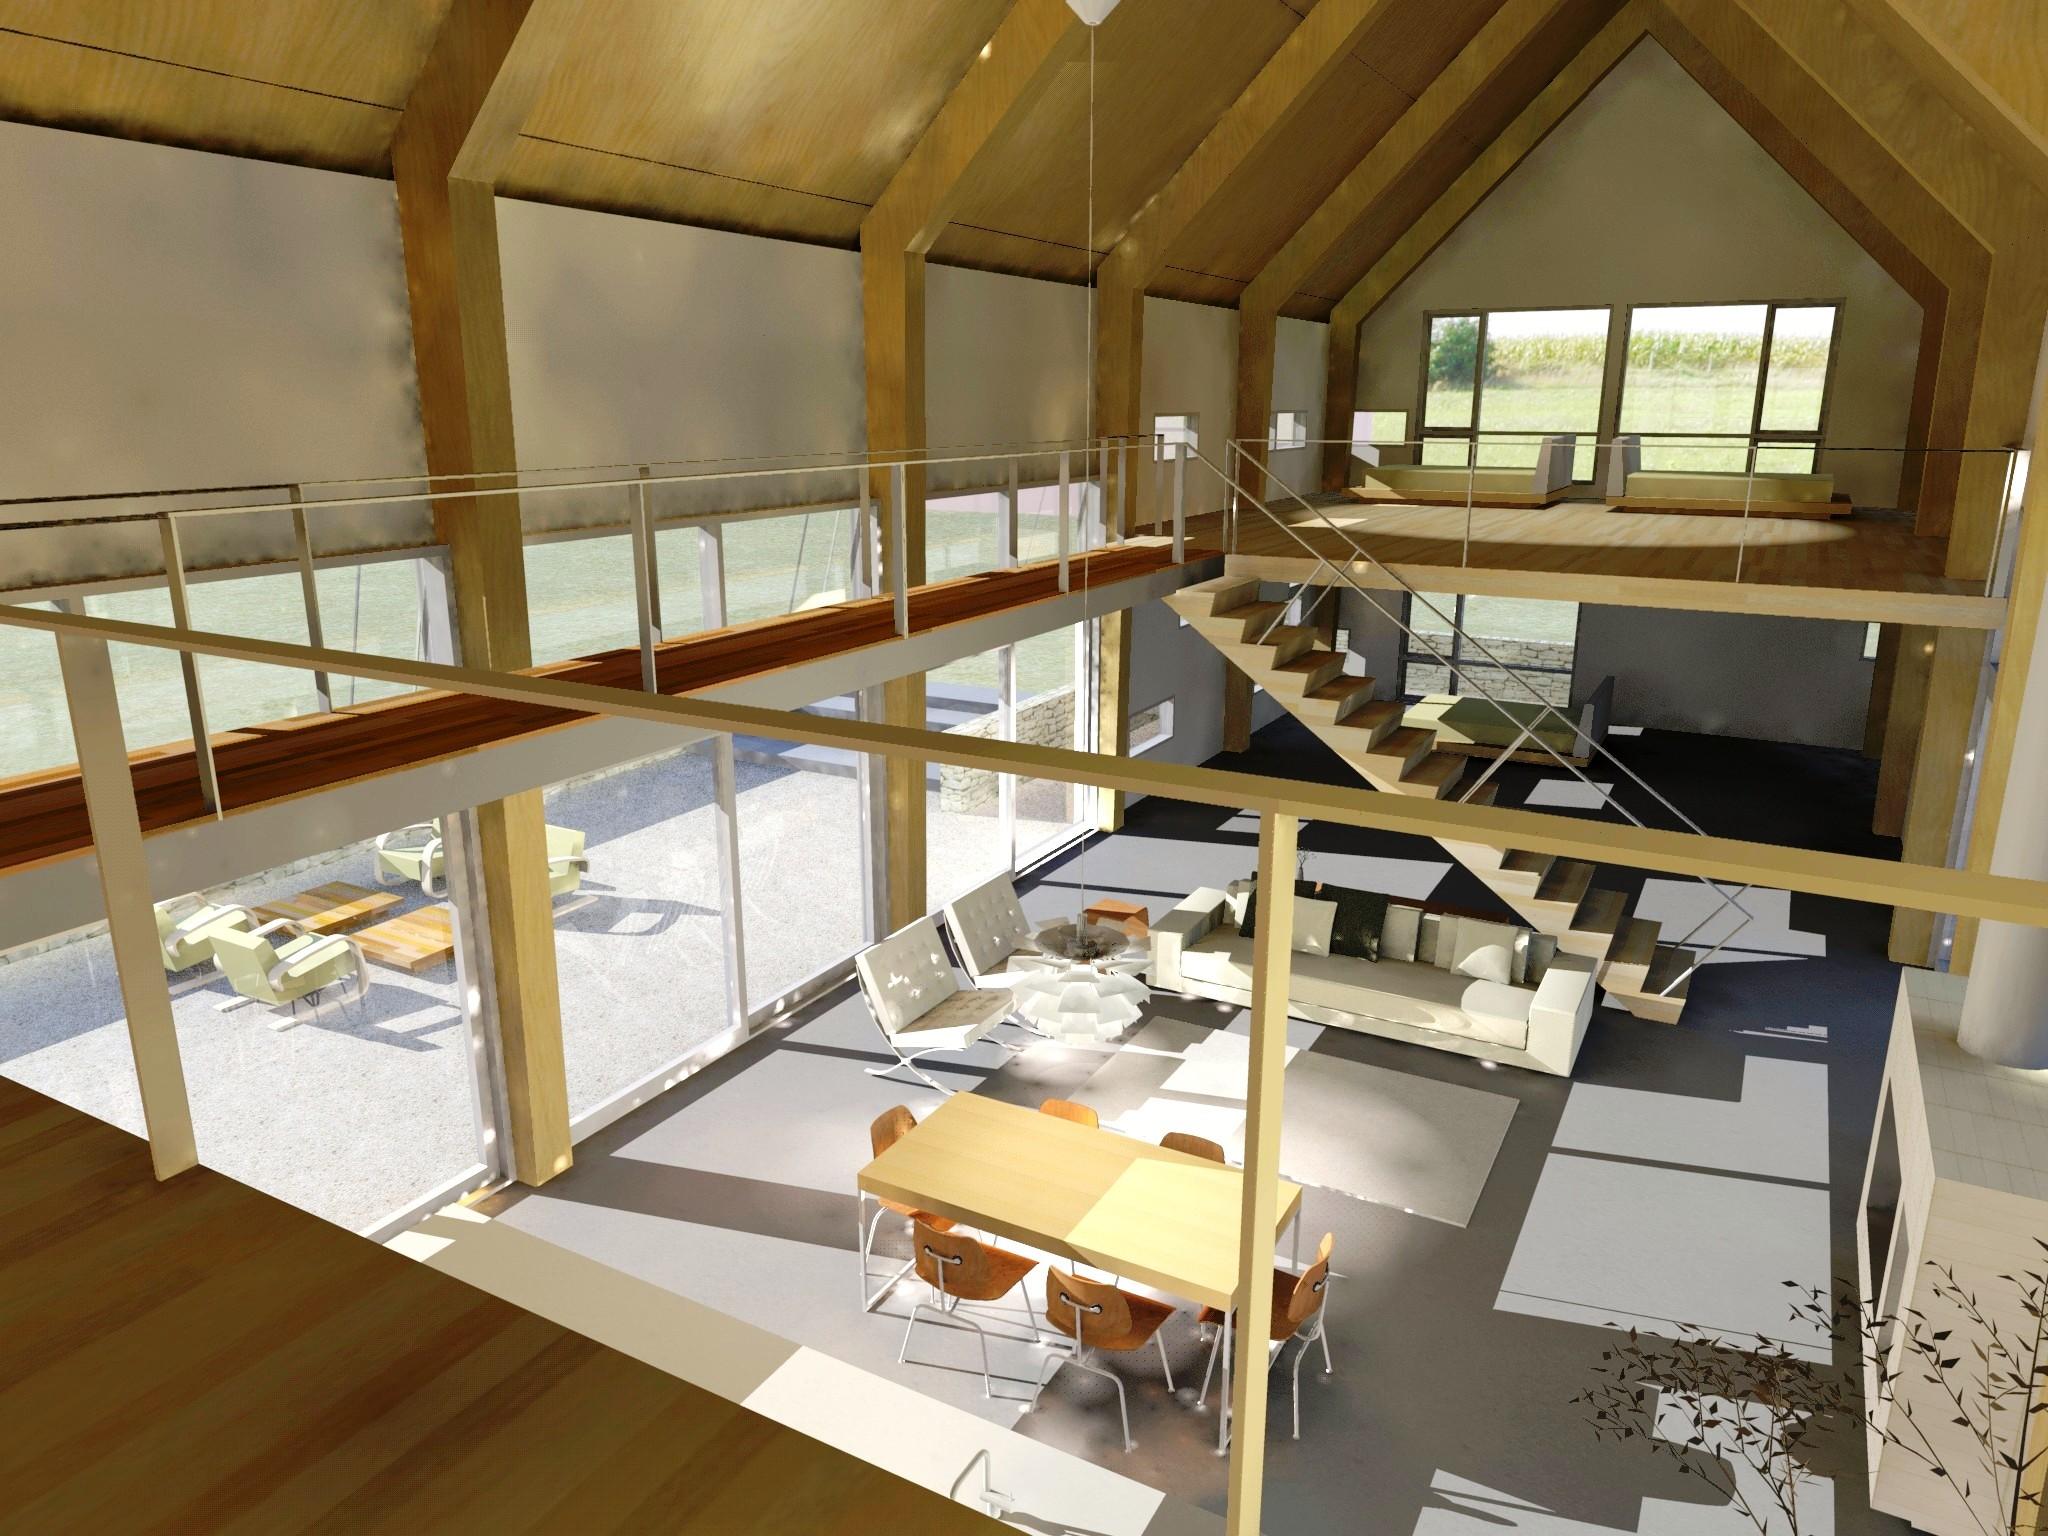 interior 1.jpg